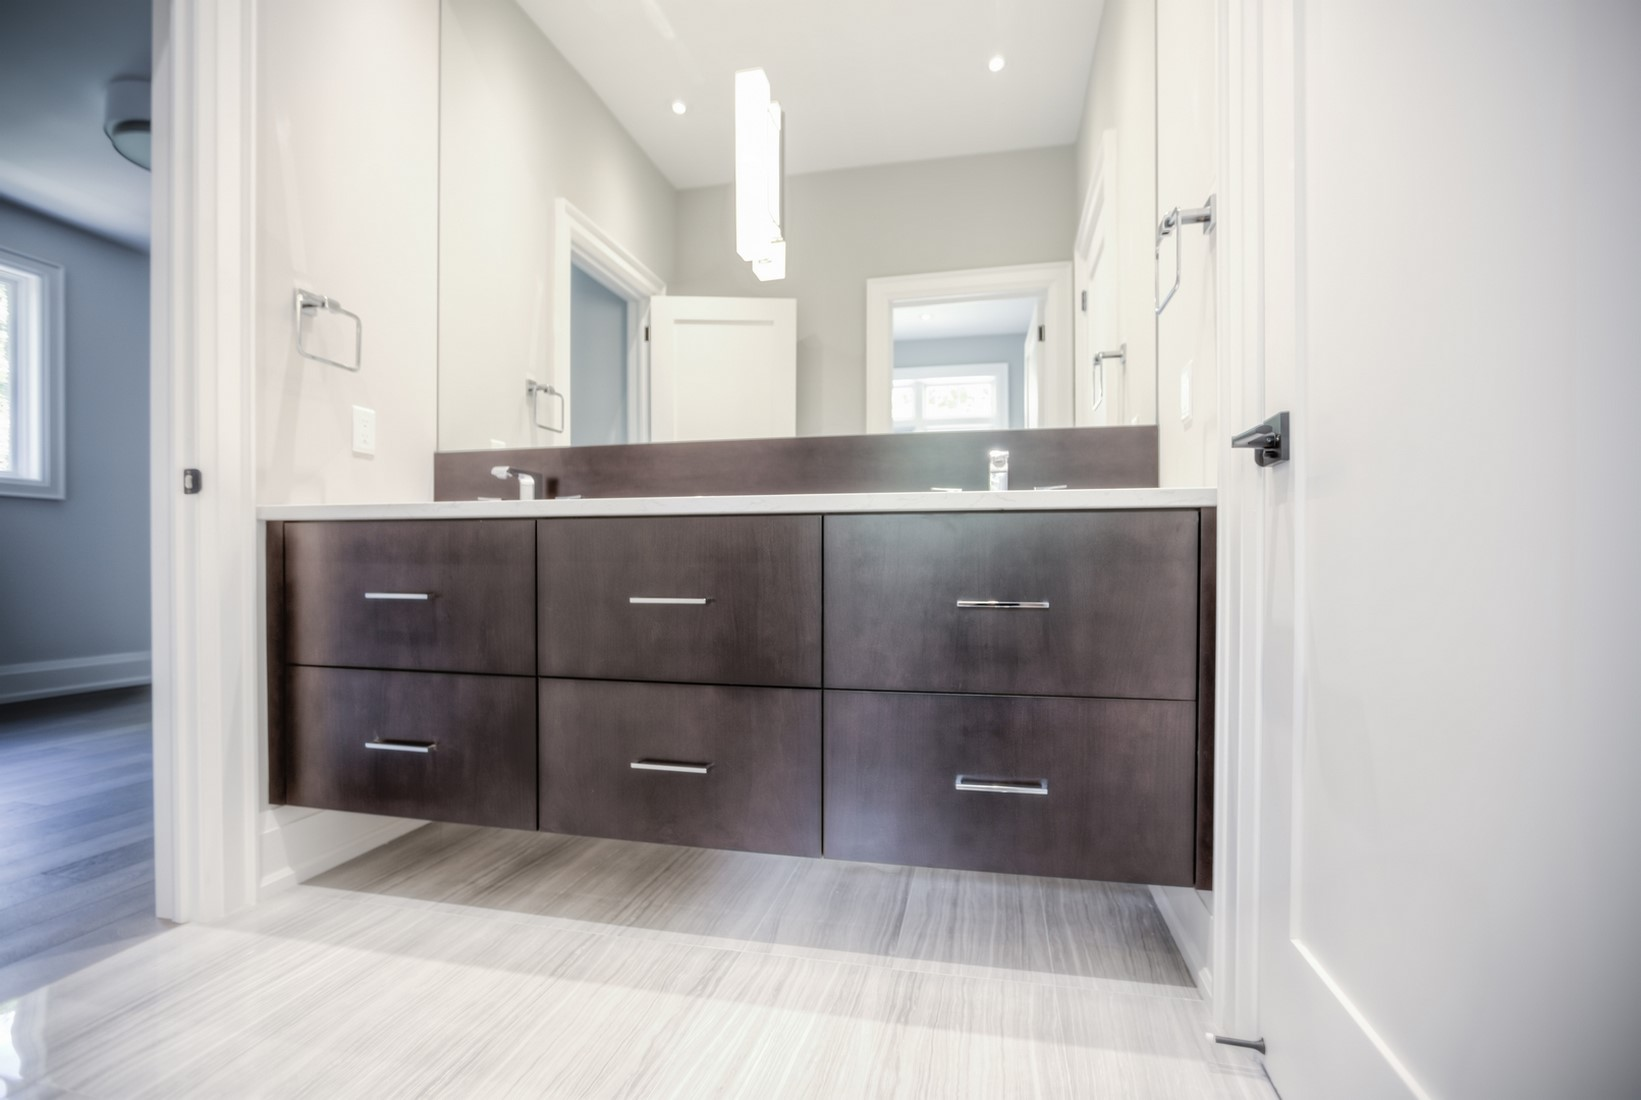 K Design Custom Cabinetry ~ Meadowood k design cabinetry